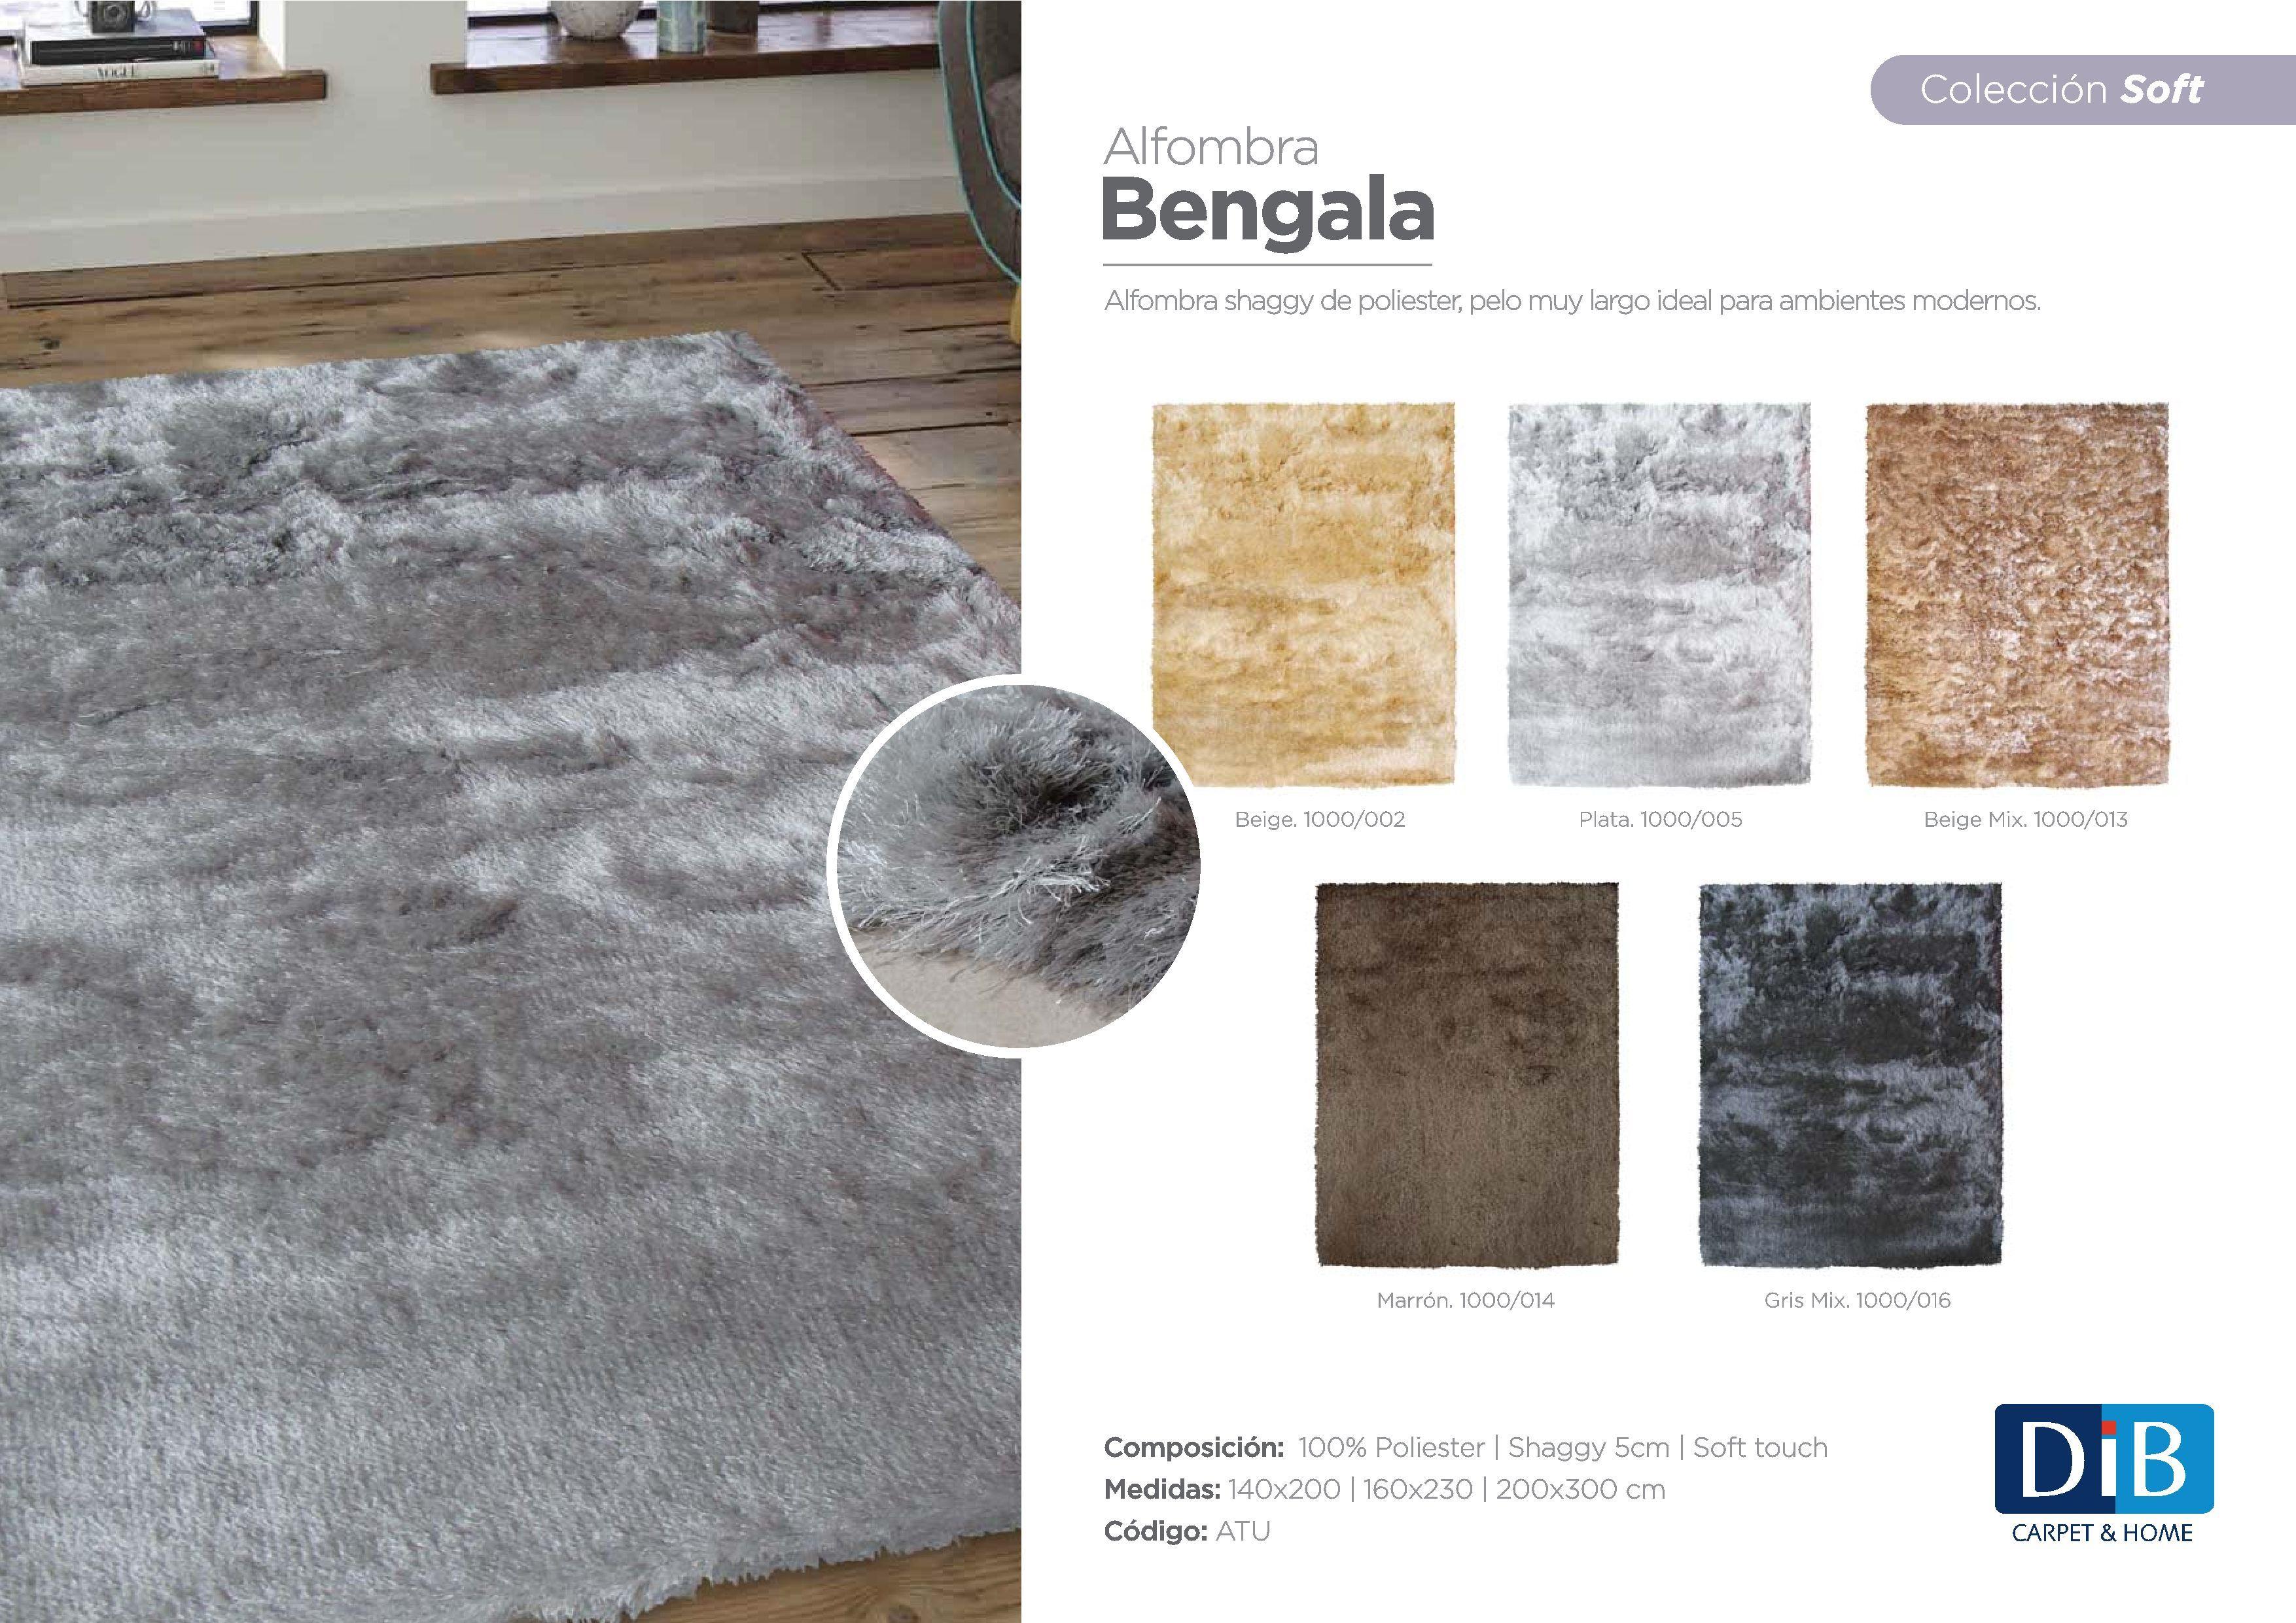 Alfombra Bengala Moderna Pelo Largo Alfombras Modernas Pinterest # Muebles Y Alfombras Mihran